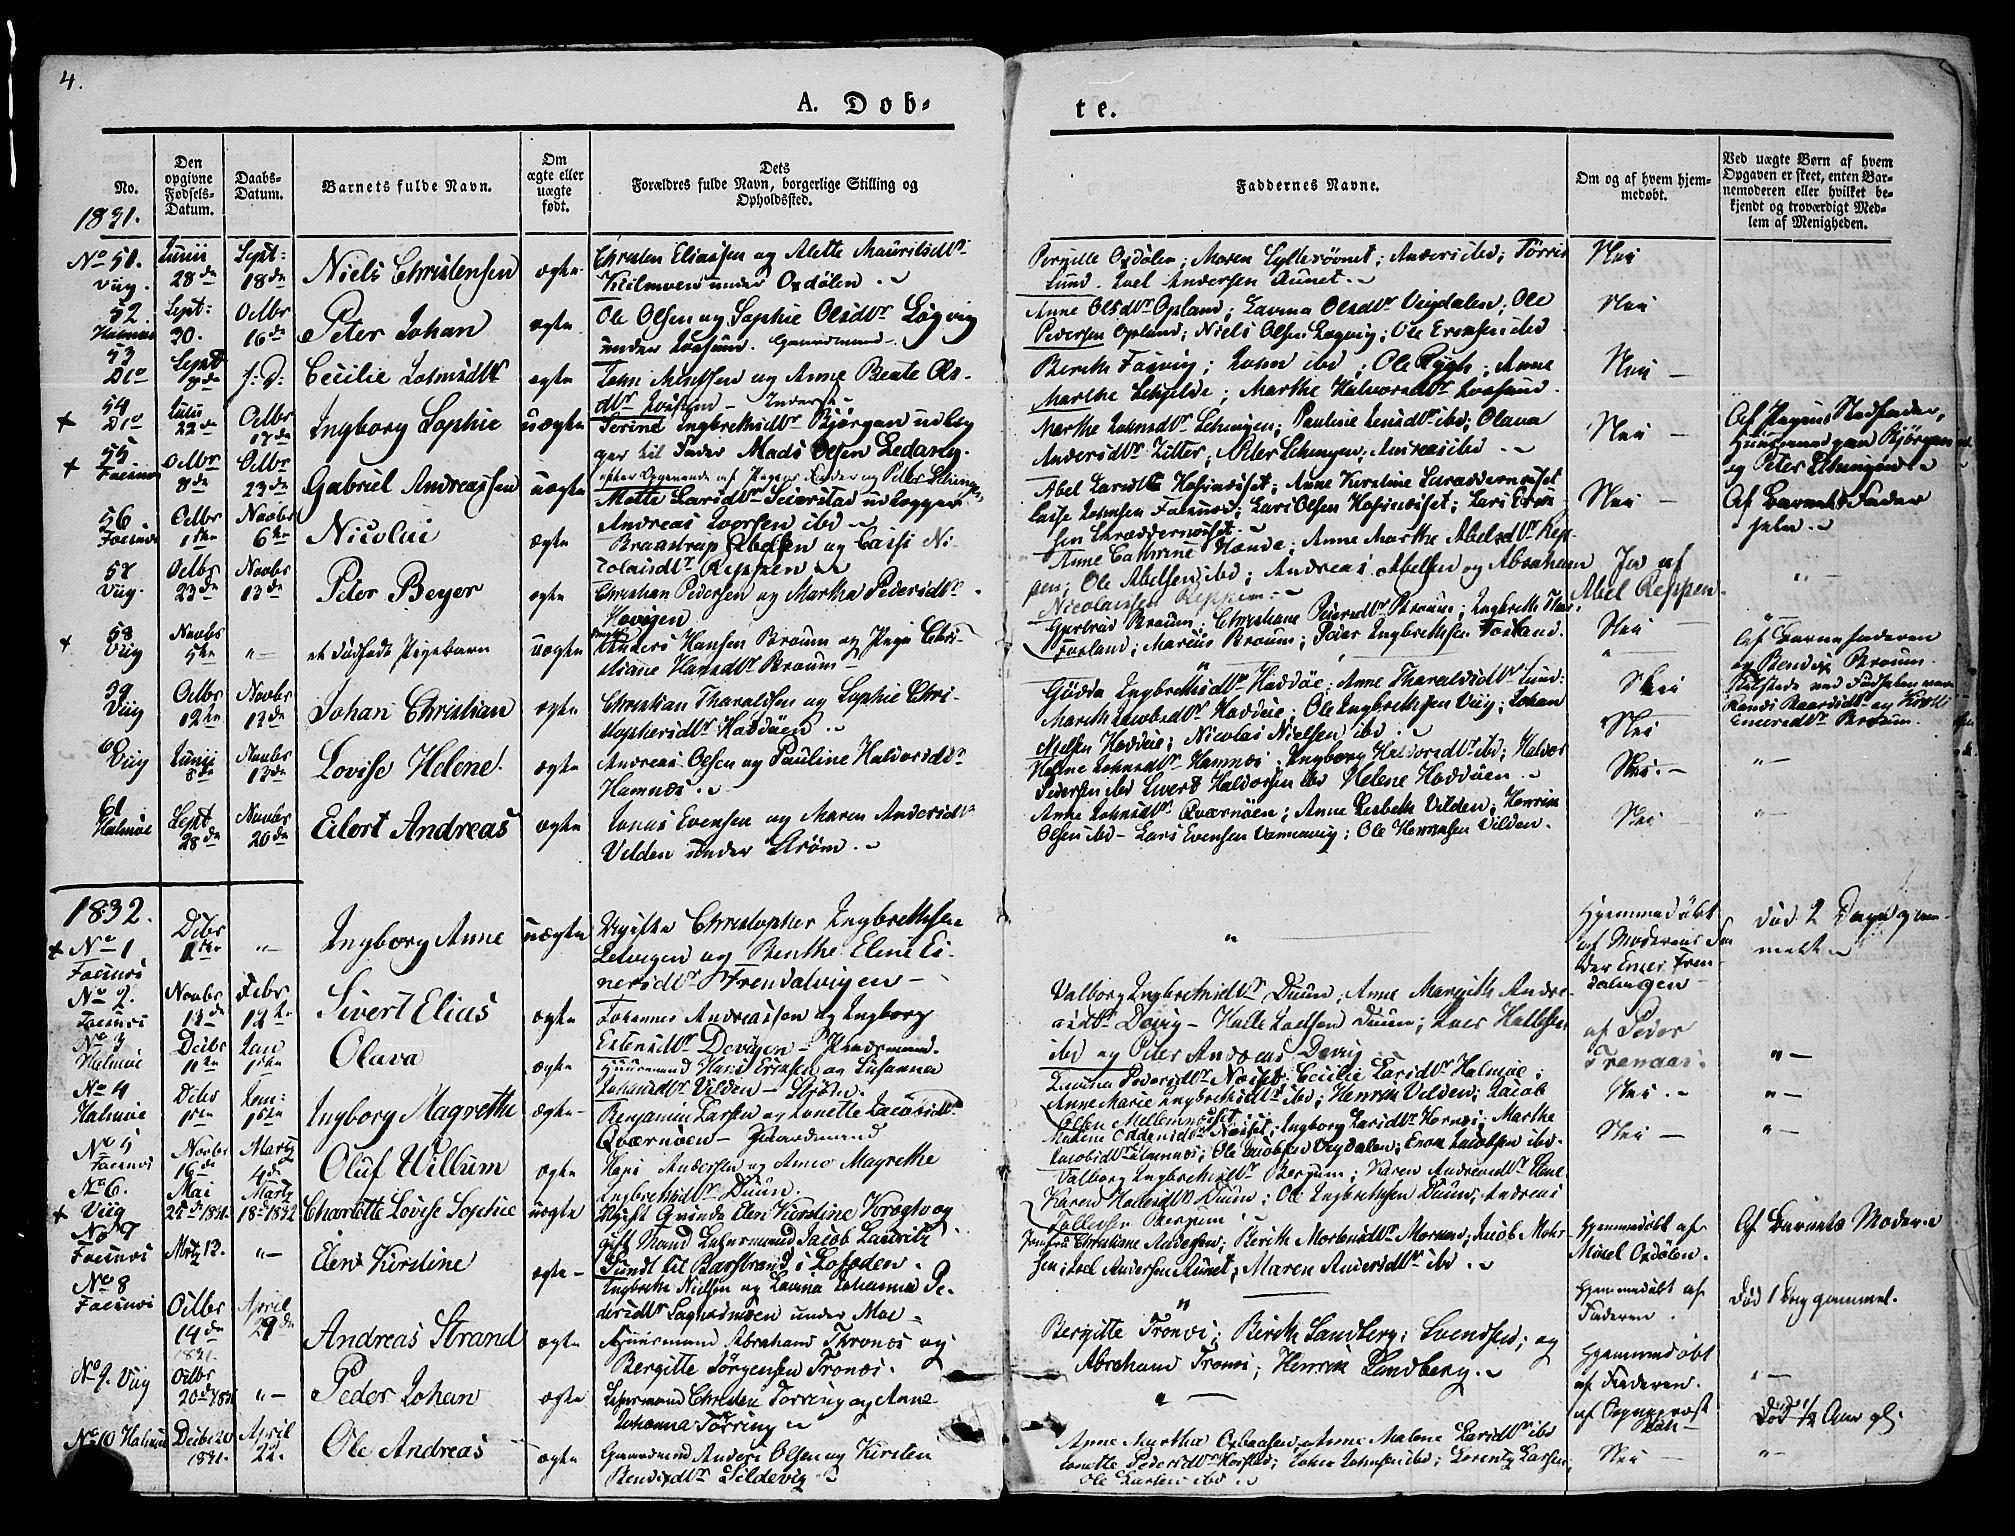 SAT, Ministerialprotokoller, klokkerbøker og fødselsregistre - Nord-Trøndelag, 773/L0614: Ministerialbok nr. 773A05, 1831-1856, s. 4